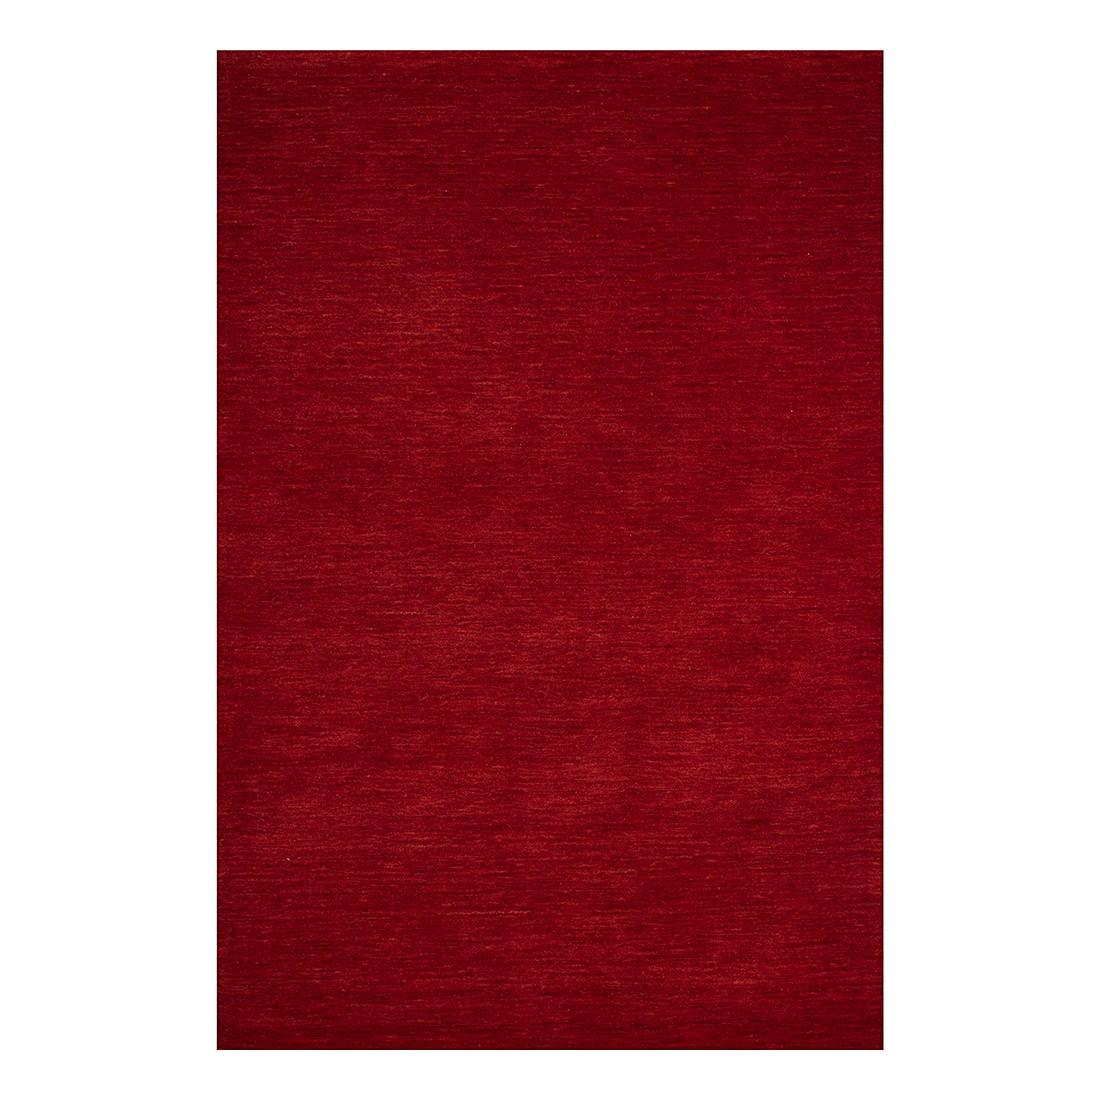 Teppich Prestige – Rot – 80 x 150 cm, Kayoom jetzt bestellen